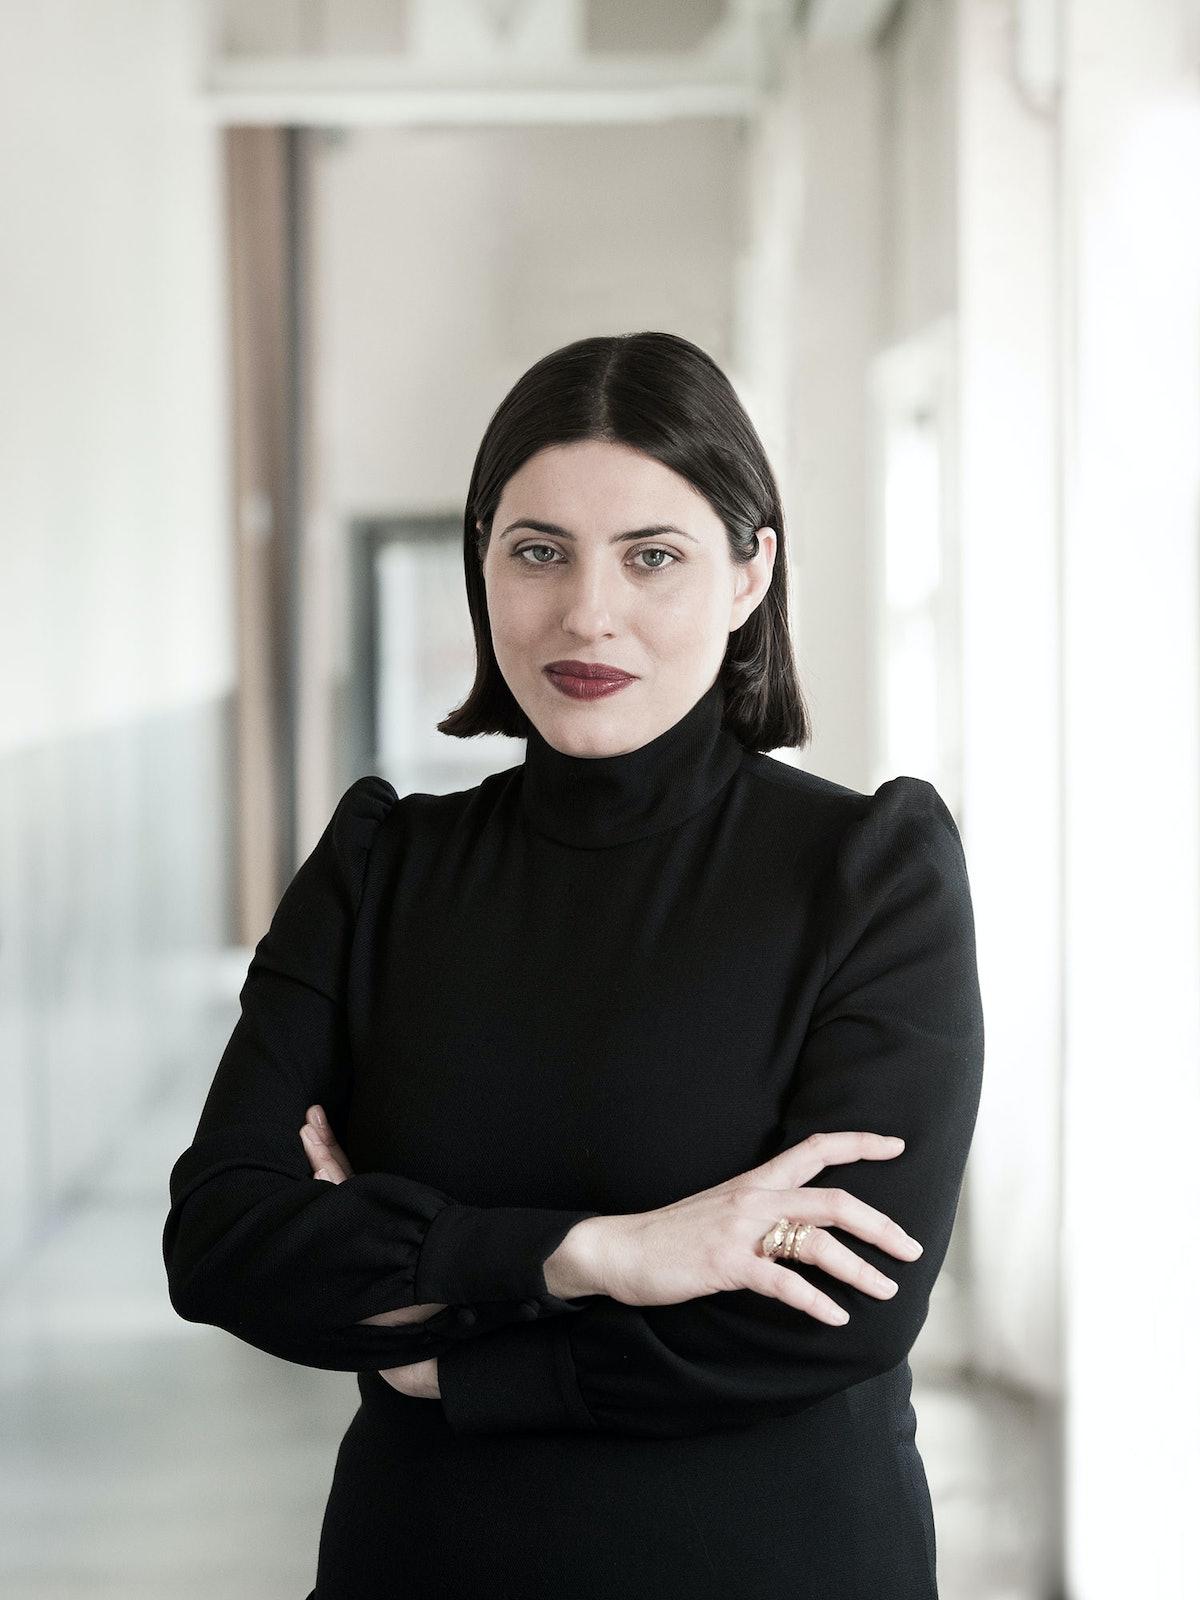 Sofia Sizzi